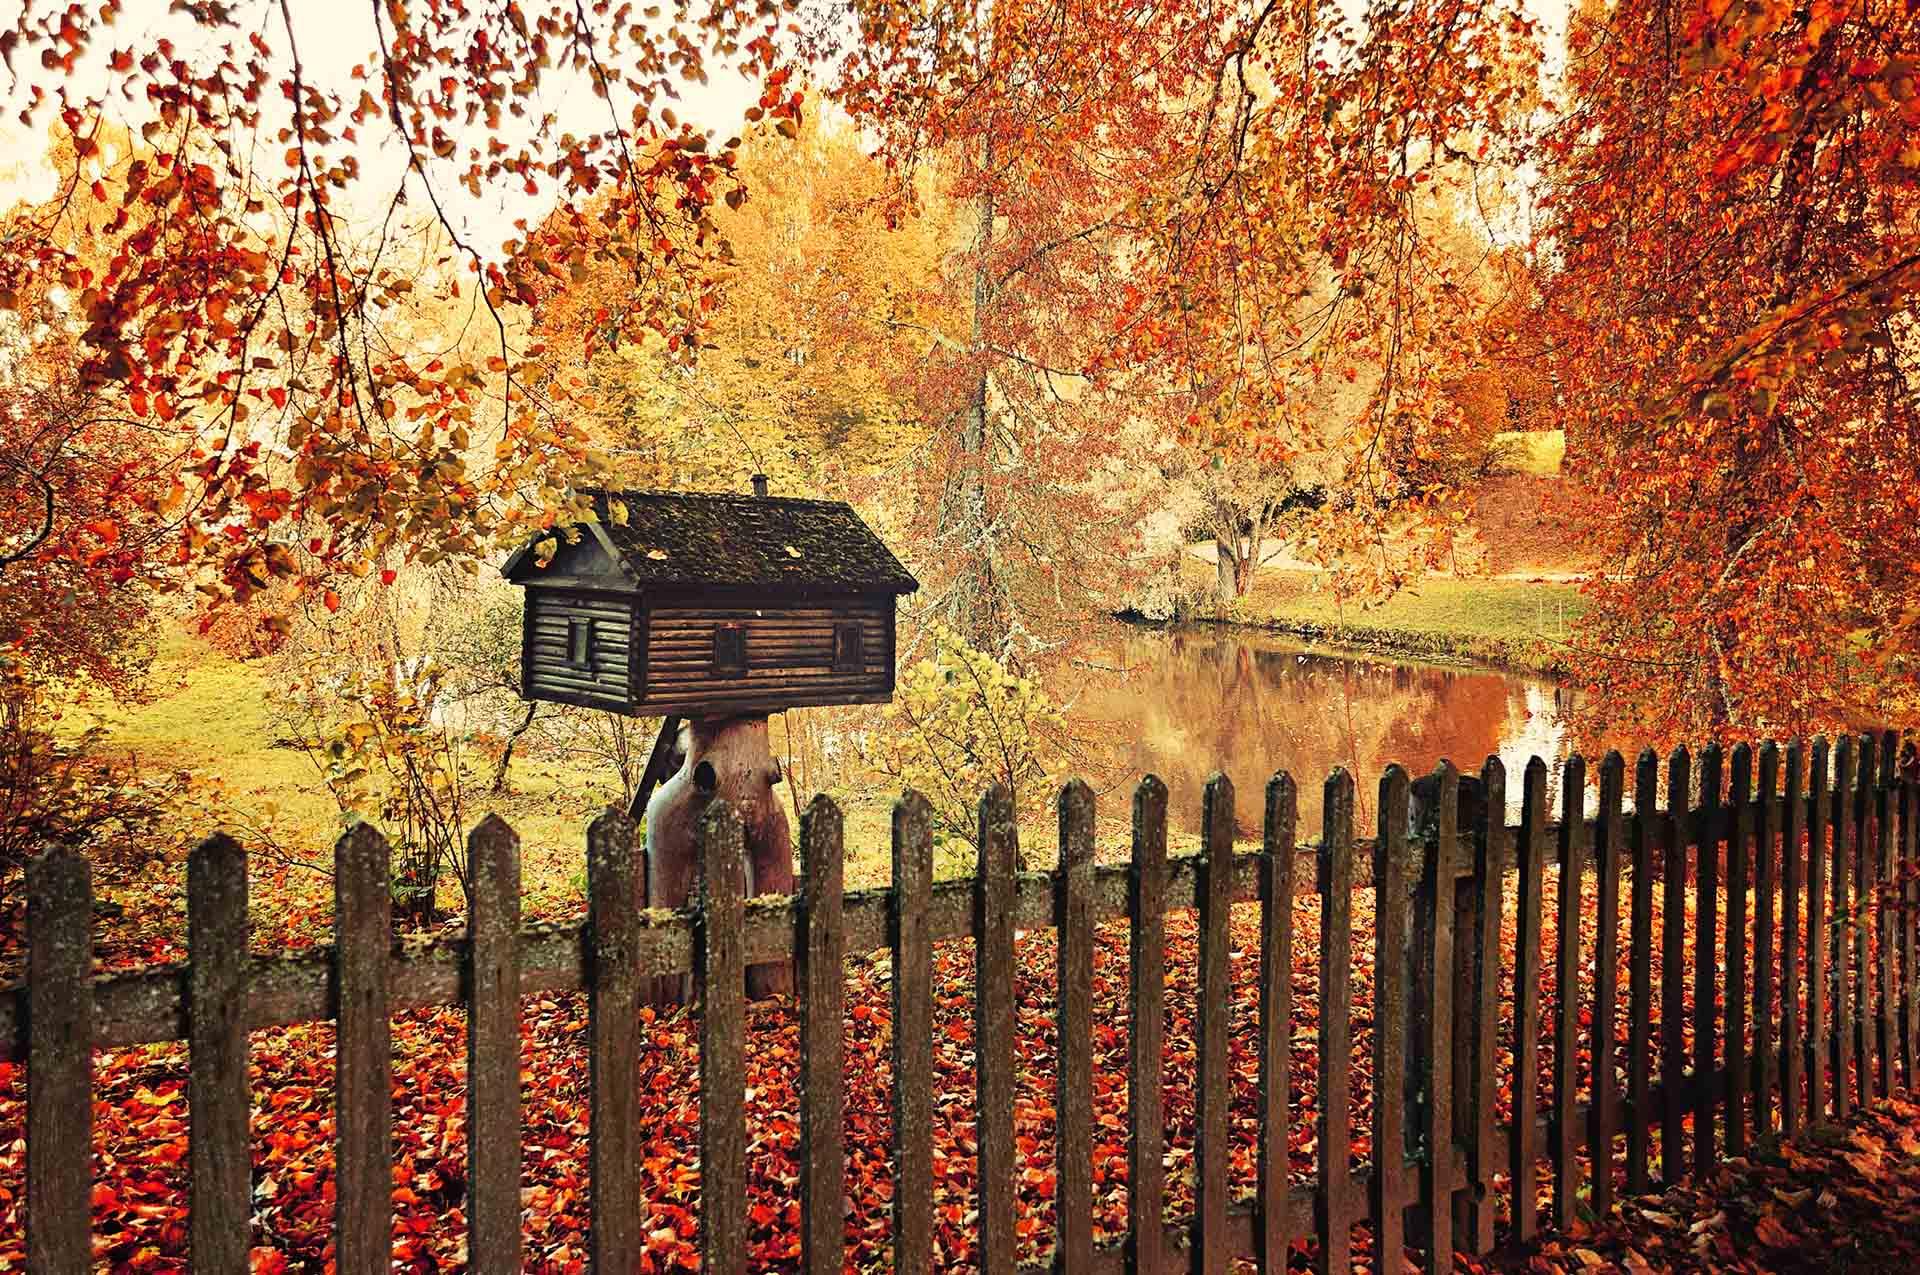 Autumn landscape with wooden bird feeder, focus at the bird feeder.